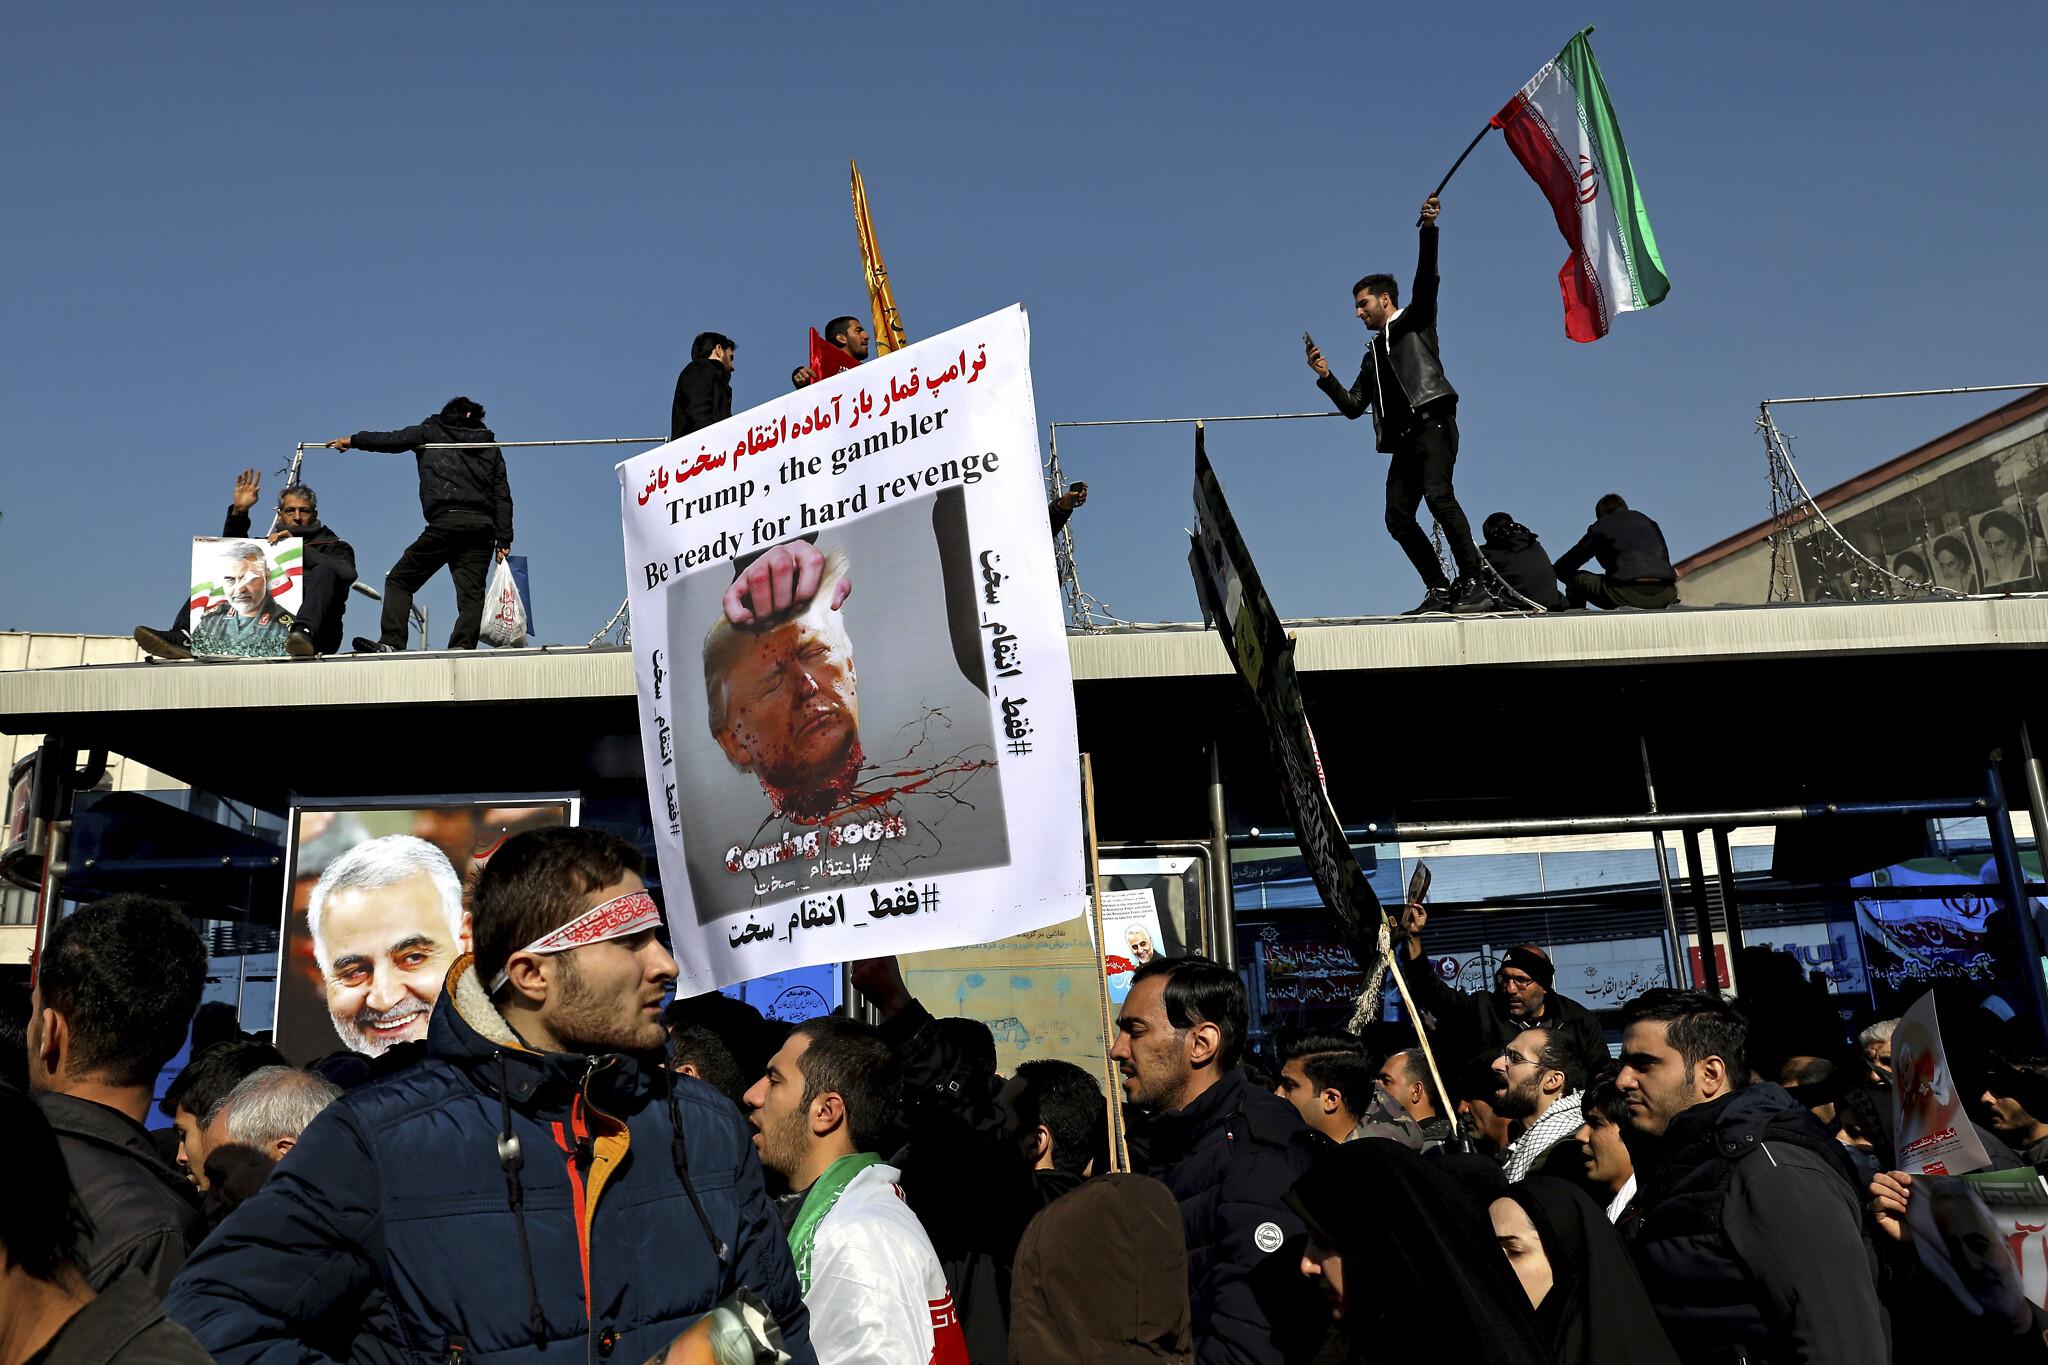 Иранци машу заставама и држе слику обезглављеног Доналда Трампа, Техеран, 06. јануар 2020. (Фото: Ebrahim Noroozi/AP)